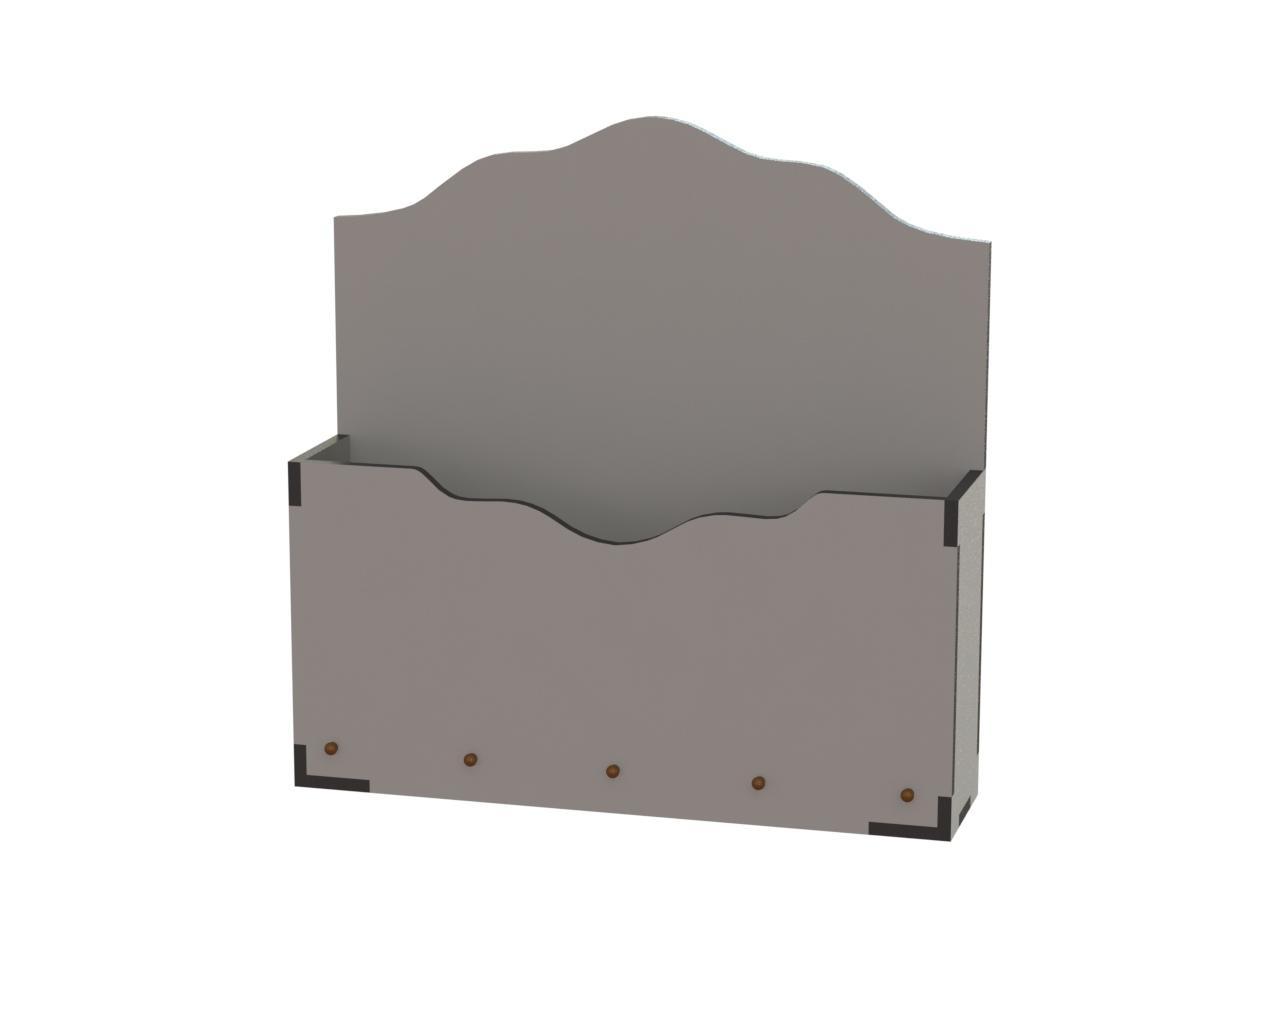 Laser Cut Decorative Box Free CDR Vectors Art